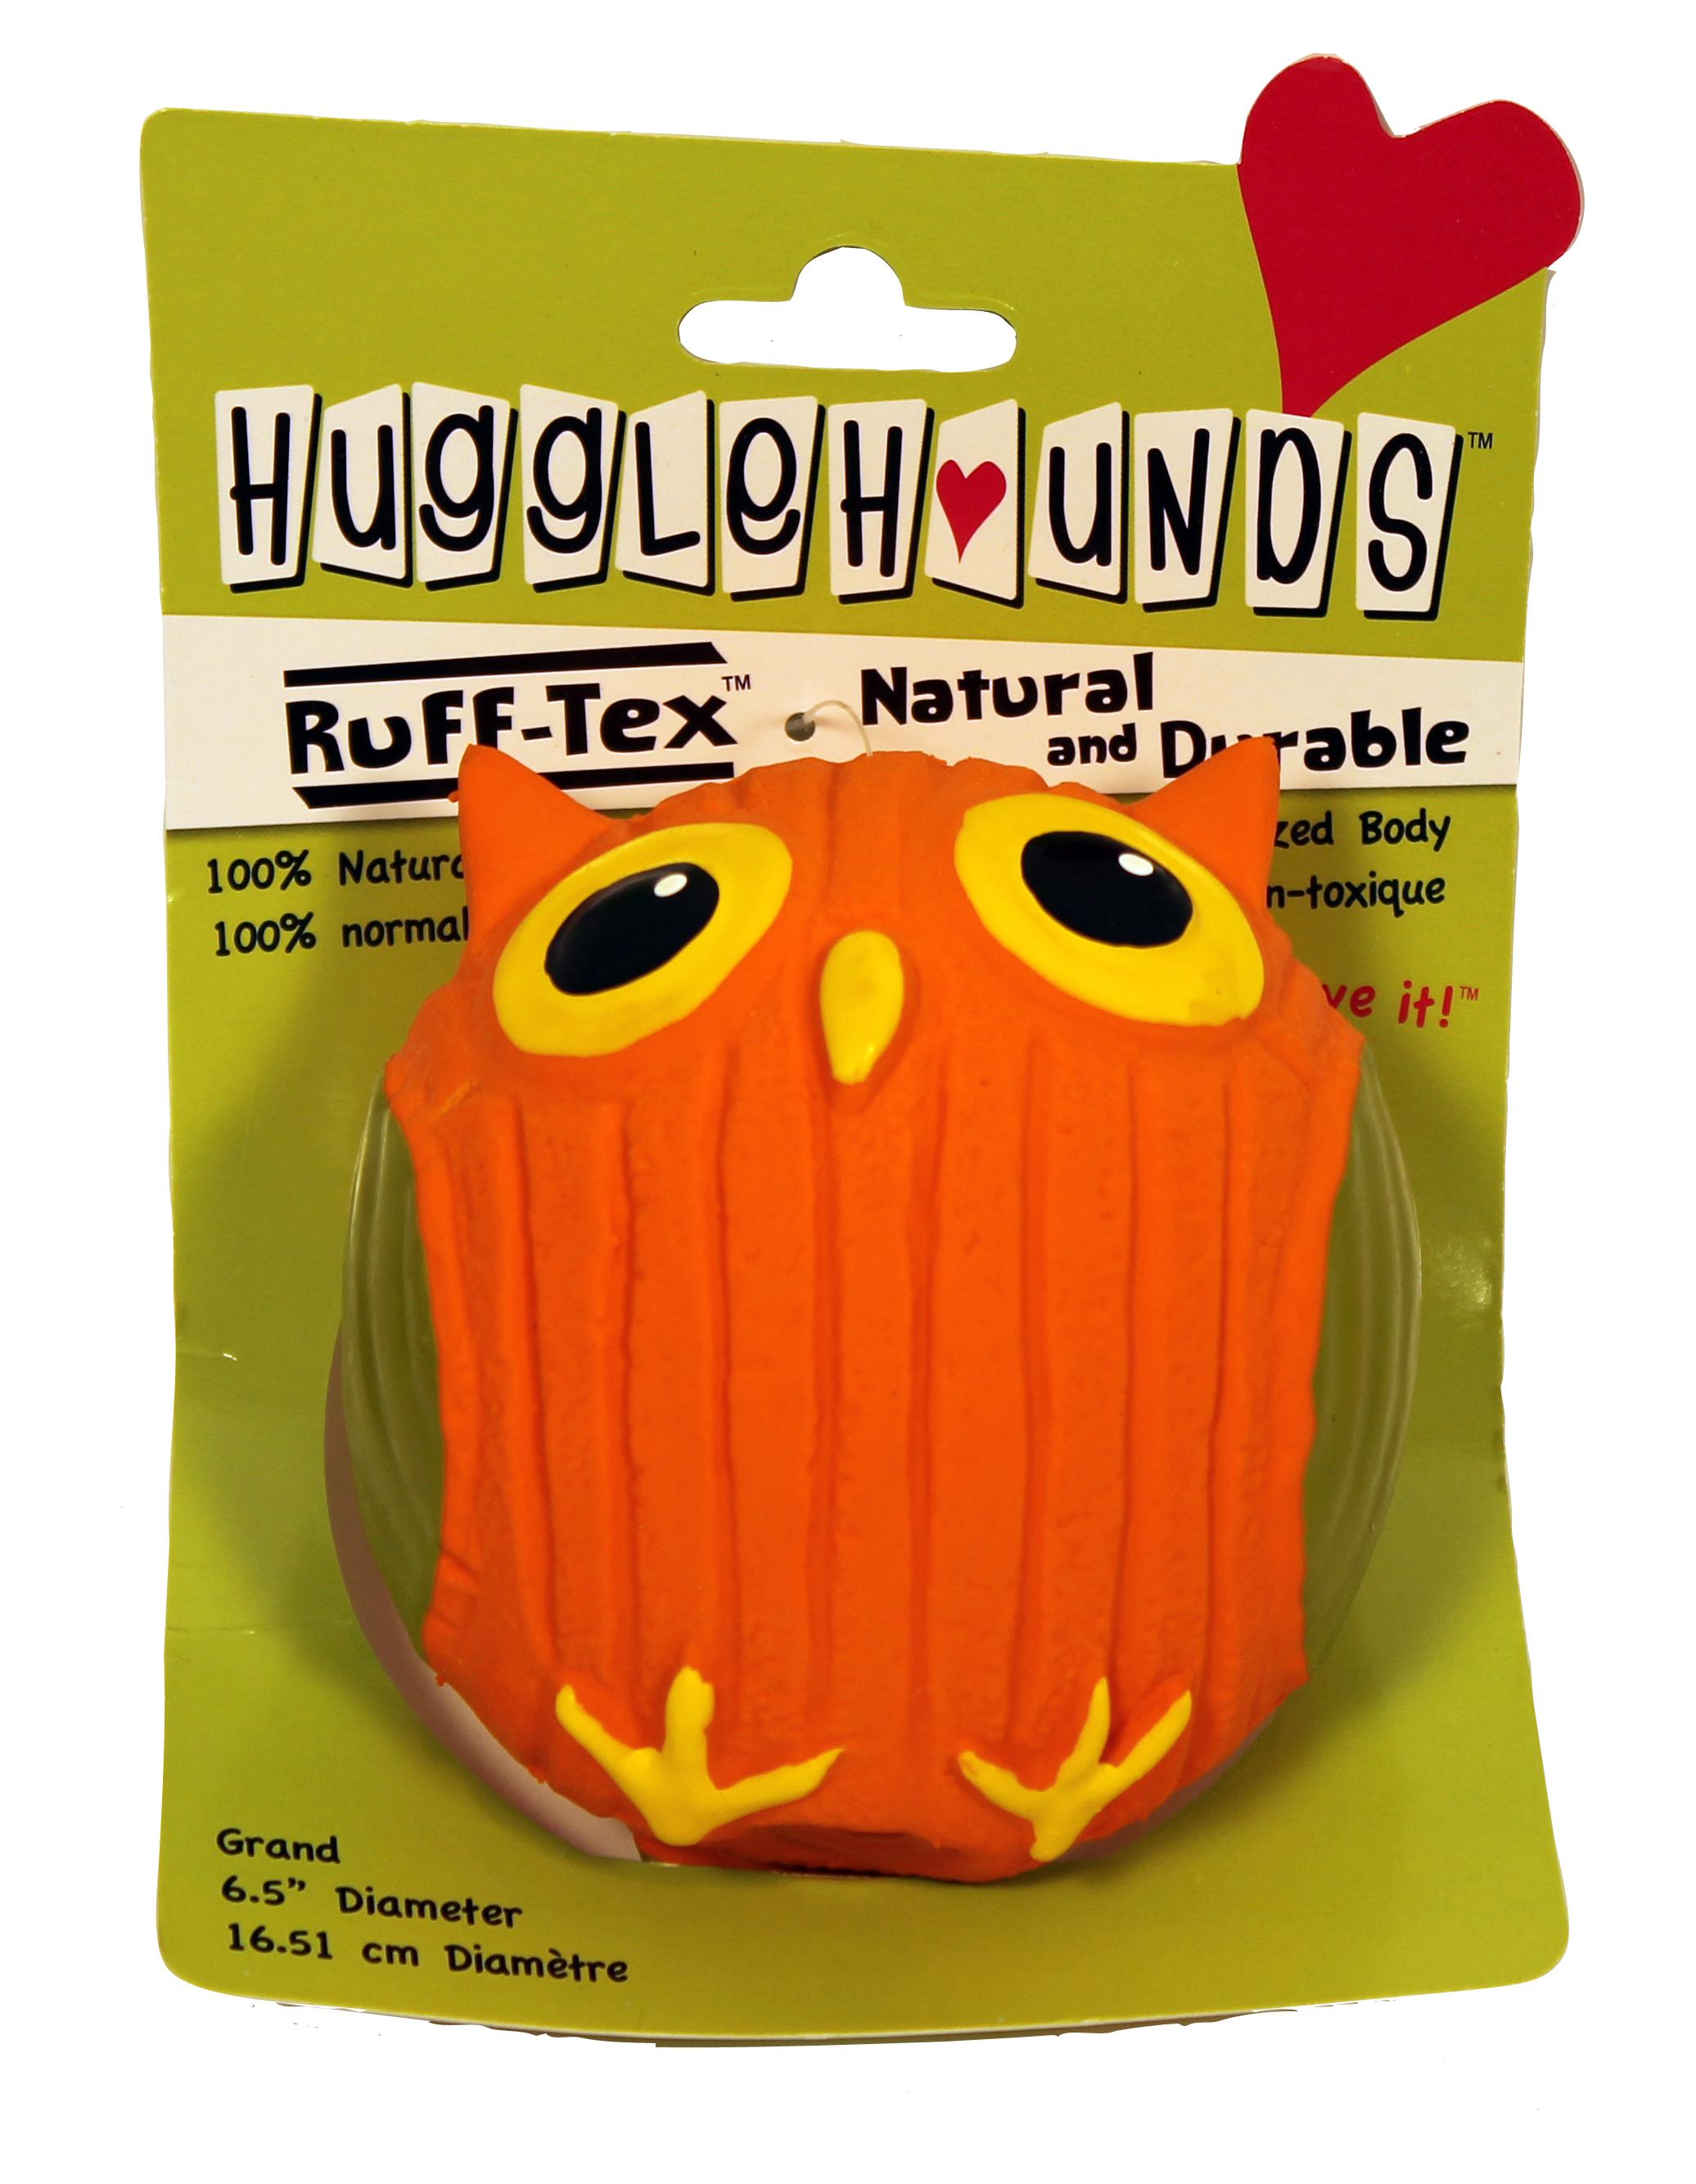 Hugglehounds Ruff-Tex Owl